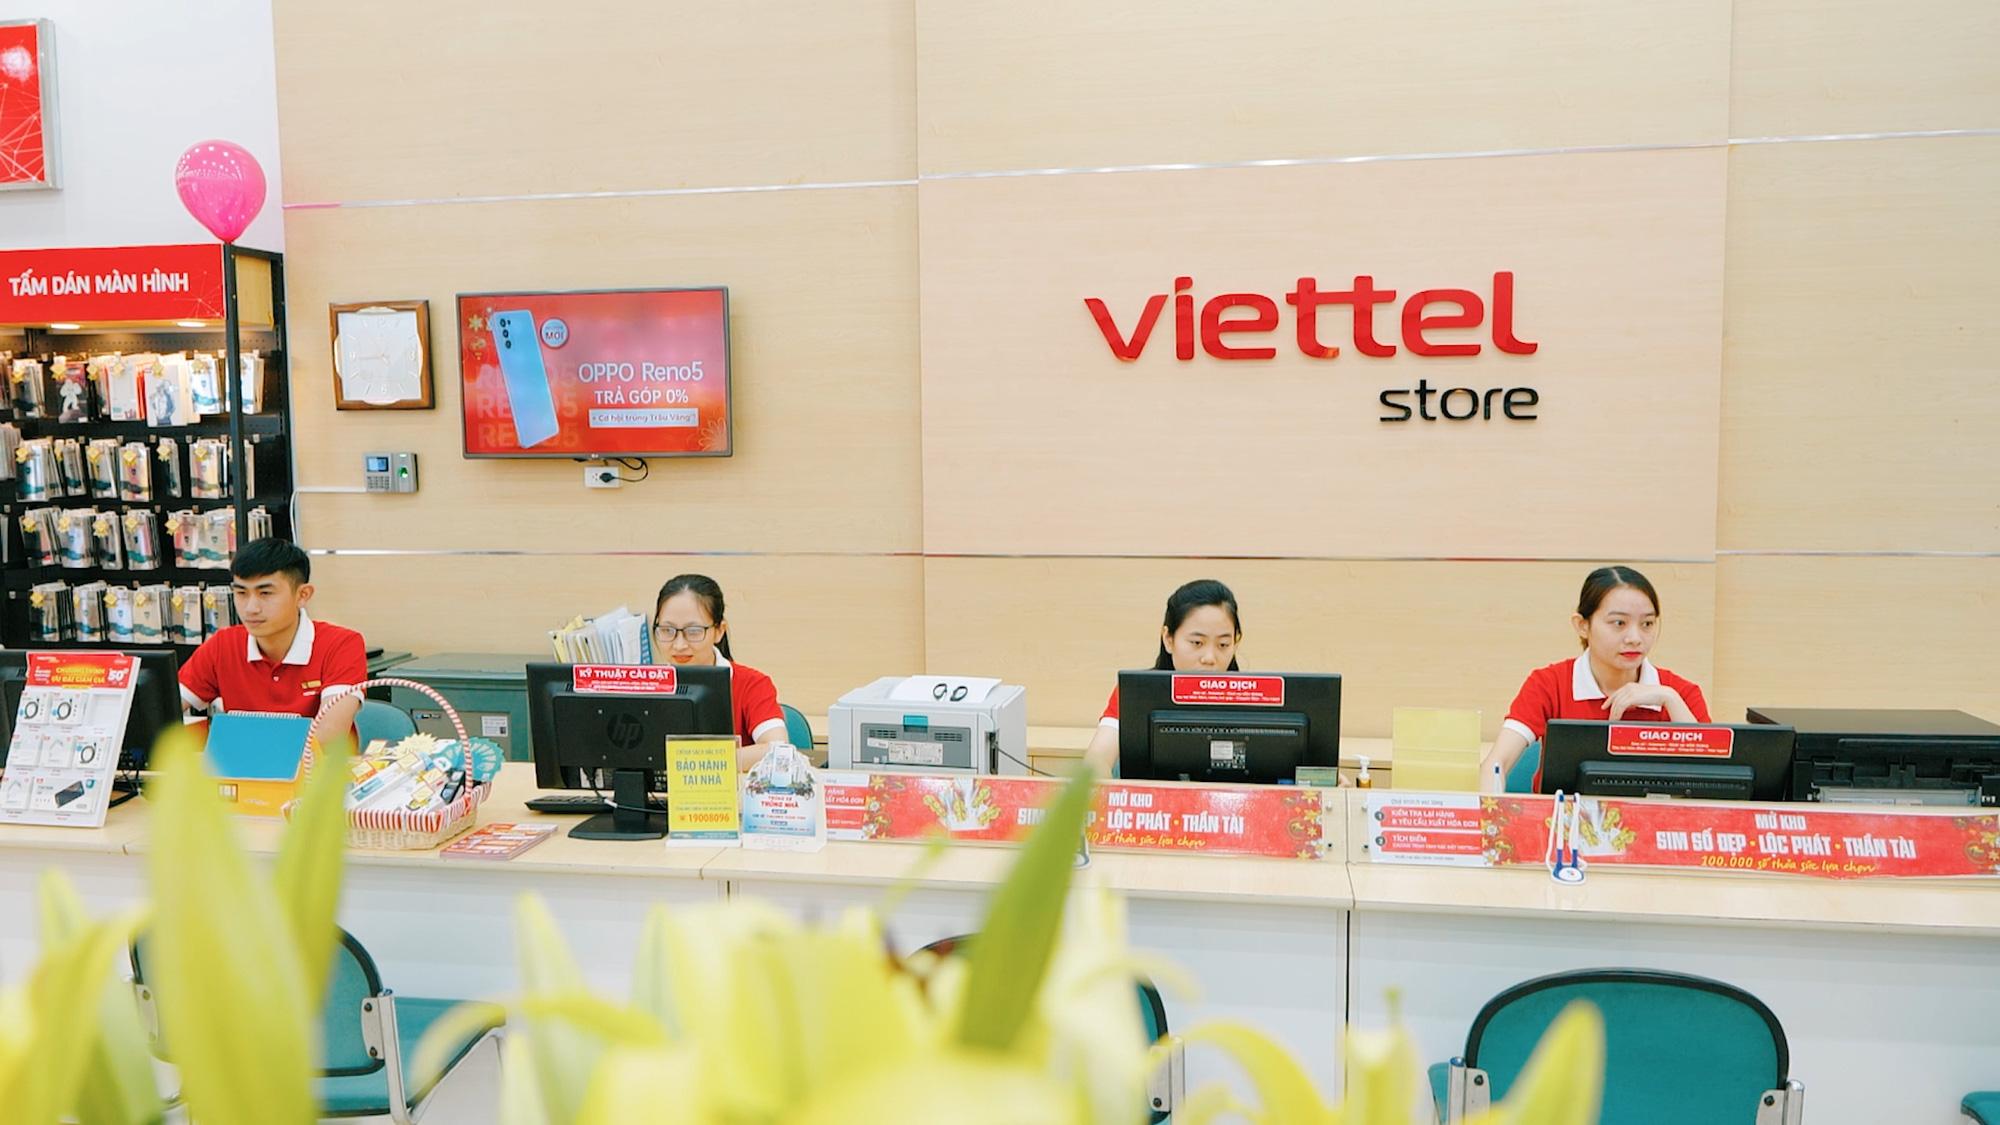 Trẻ trung, tươi mới là điều mà ai cũng thấy khi Viettel Store thay đổi nhận diện thương hiệu mới - Ảnh 3.